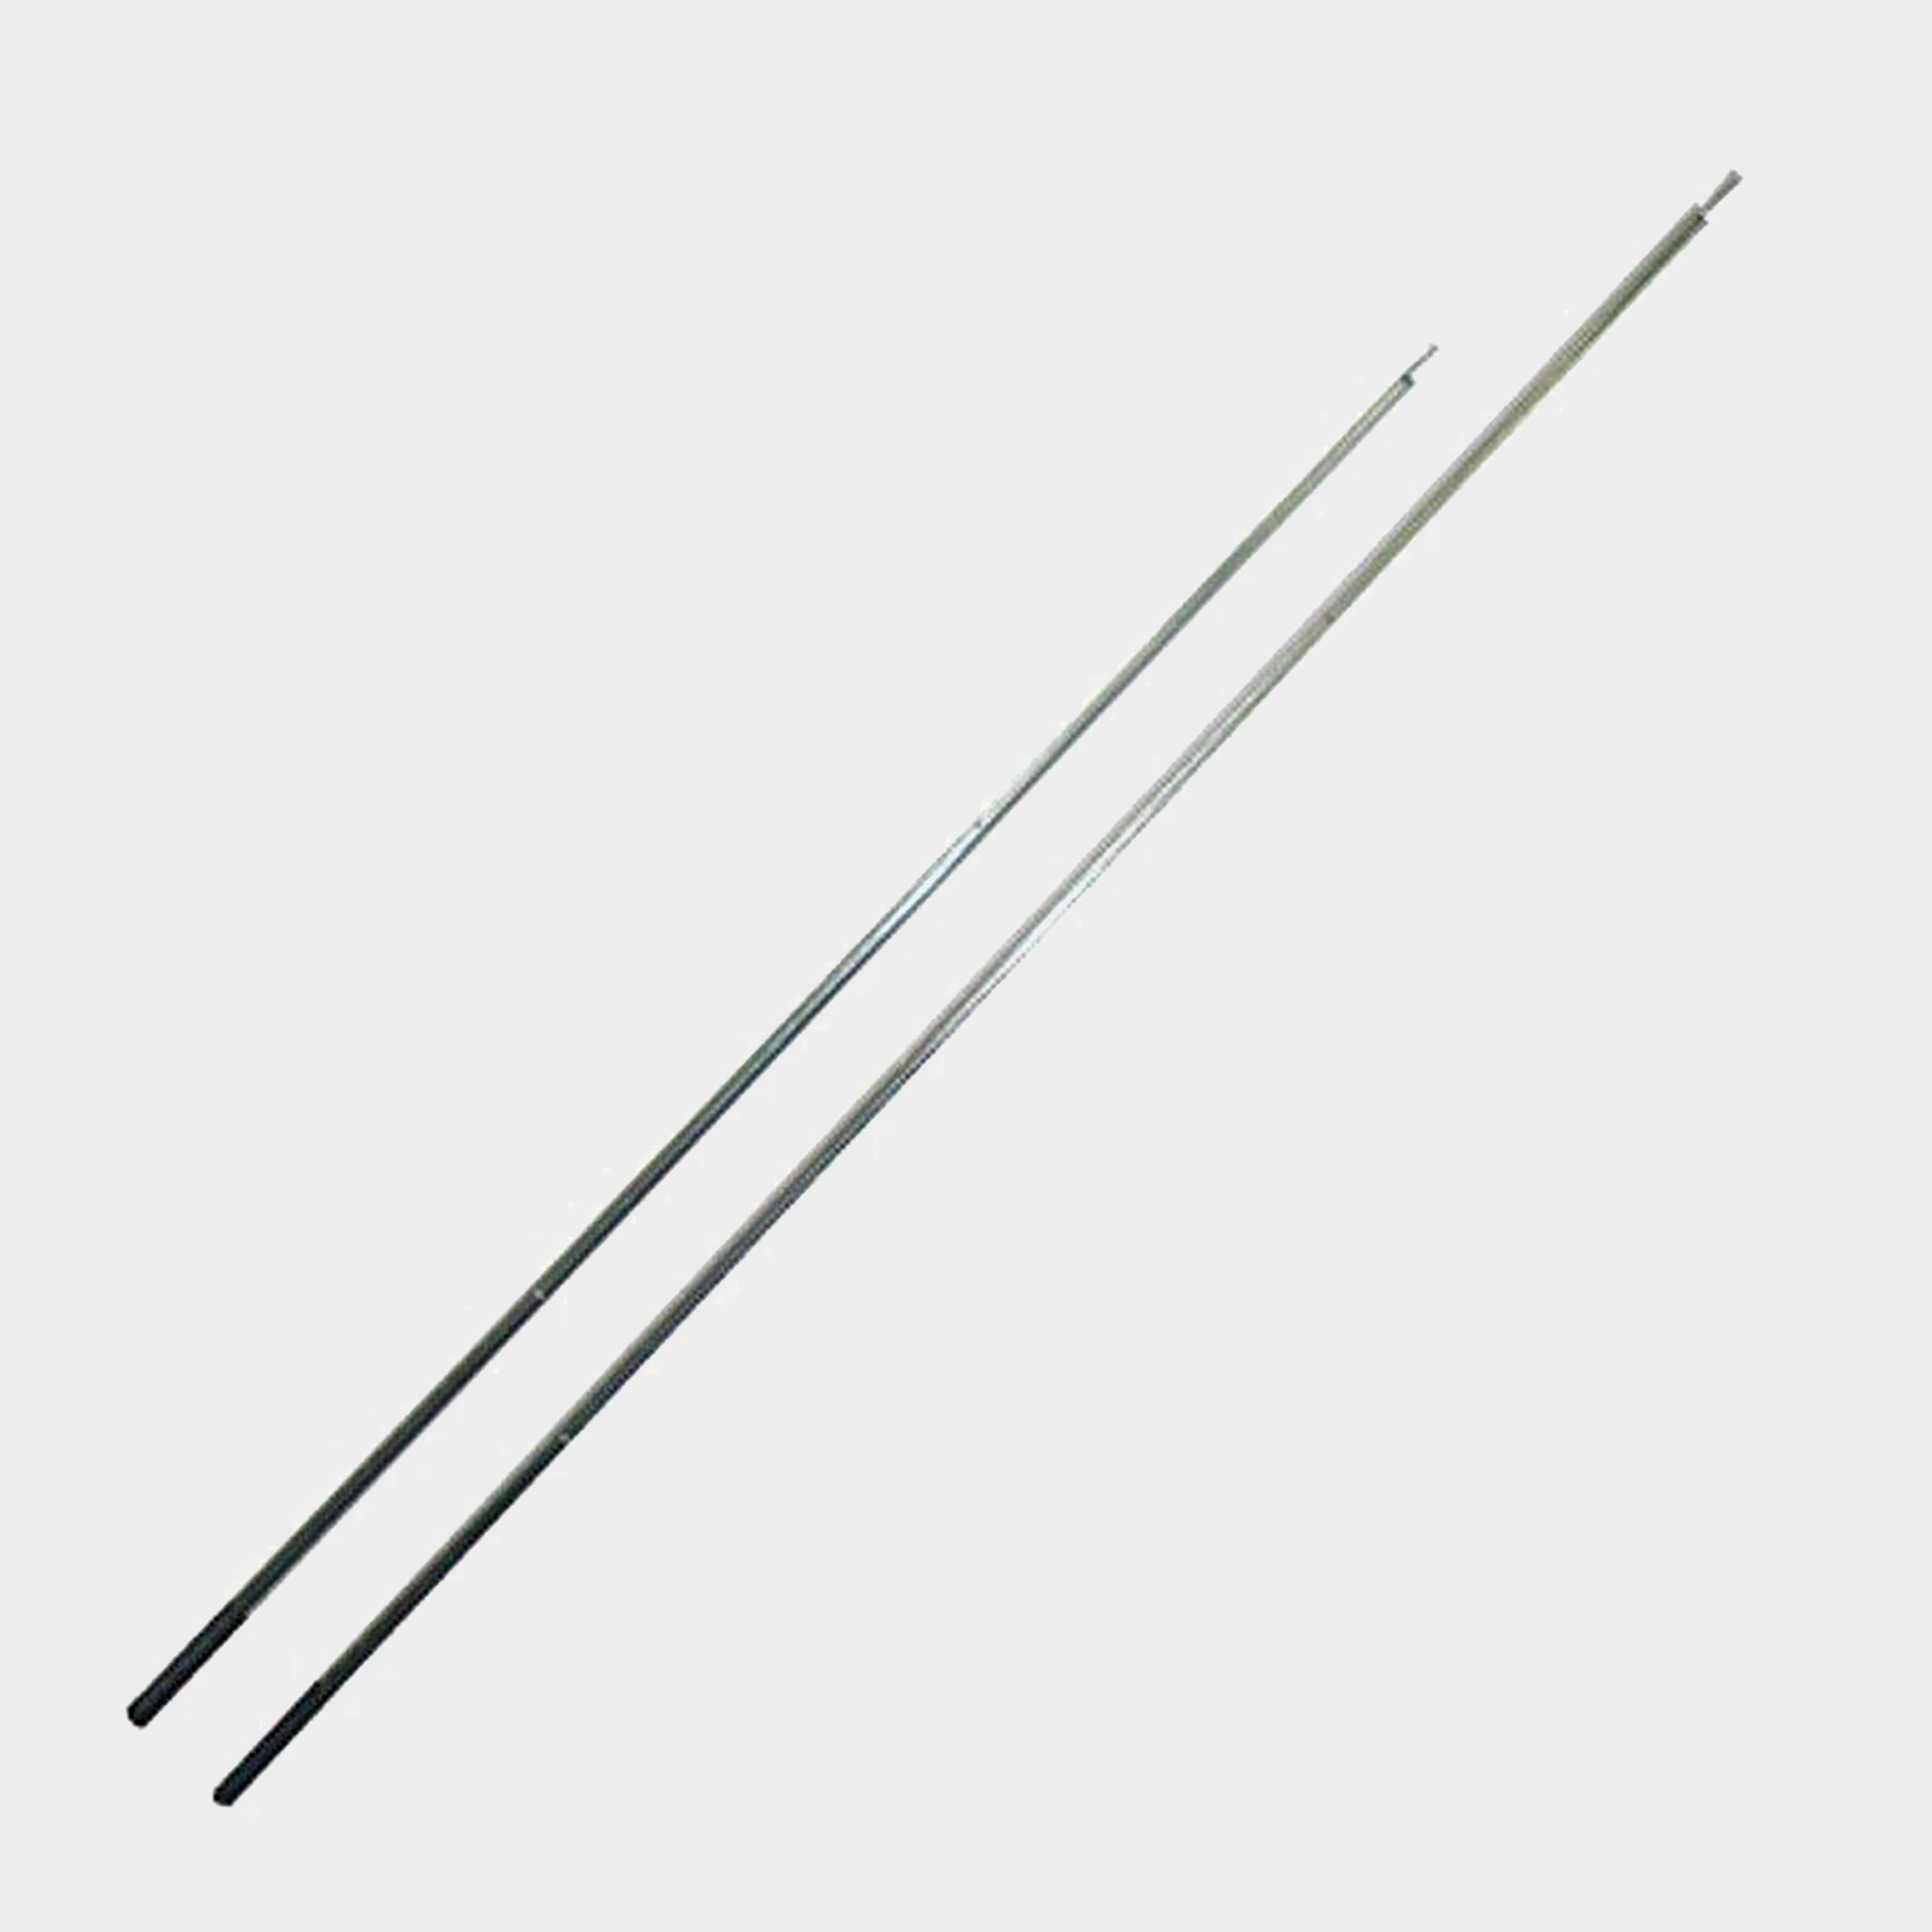 VANGO Adjustable Steel King 180cm-220cm Pole Set